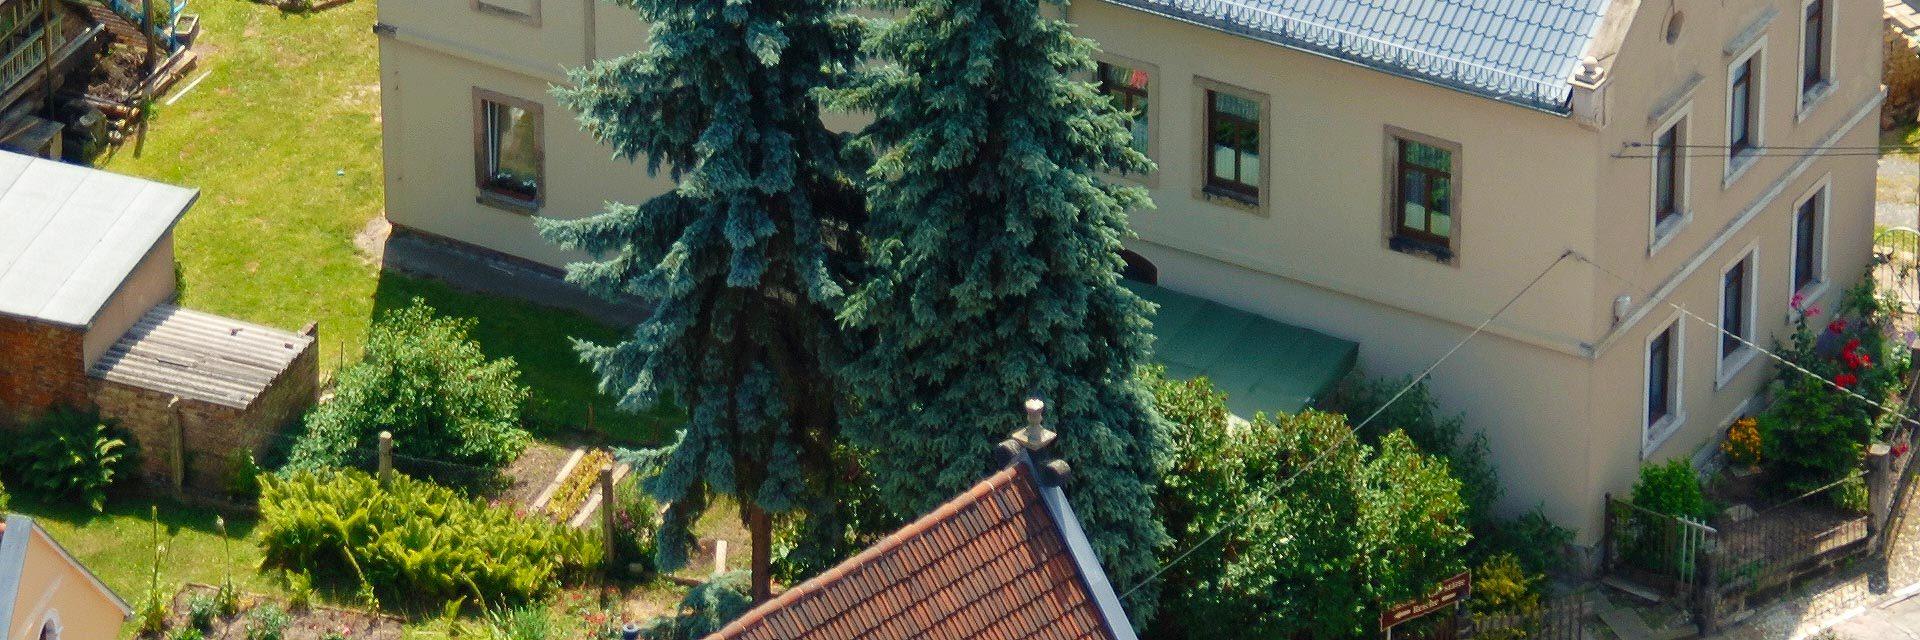 Ferienwohnung HAMAX - Kunsterlebnis in Haus & Atelier